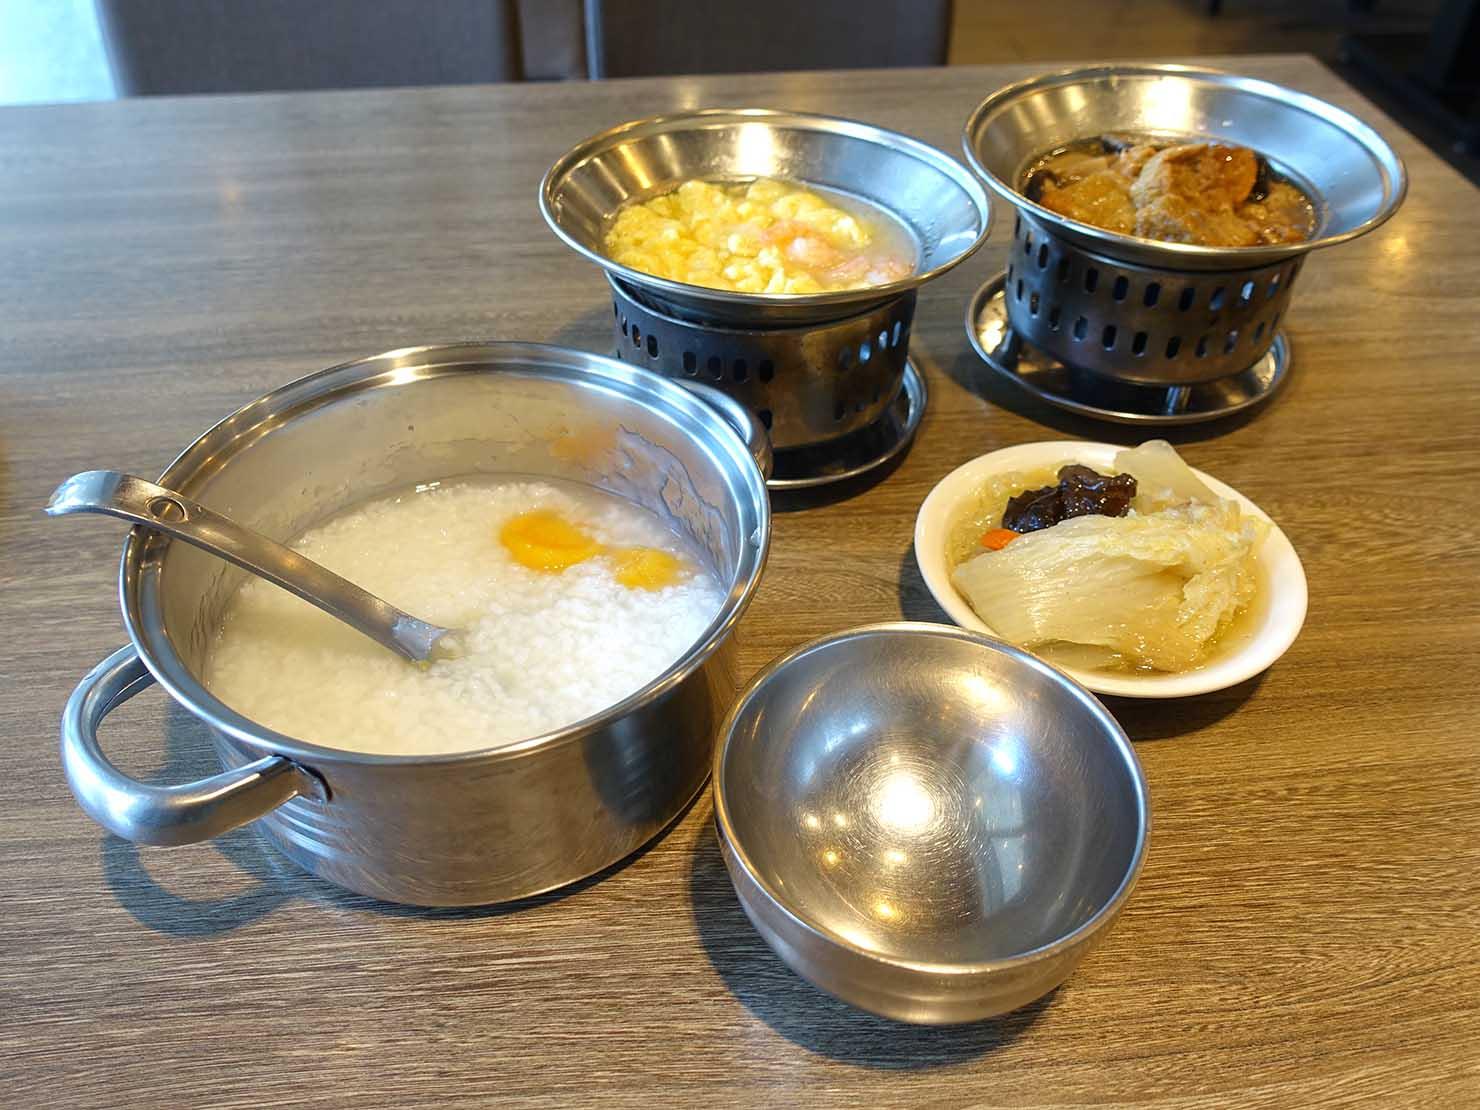 台北・清粥街(お粥街)にある「一流清粥小菜」のお粥と料理